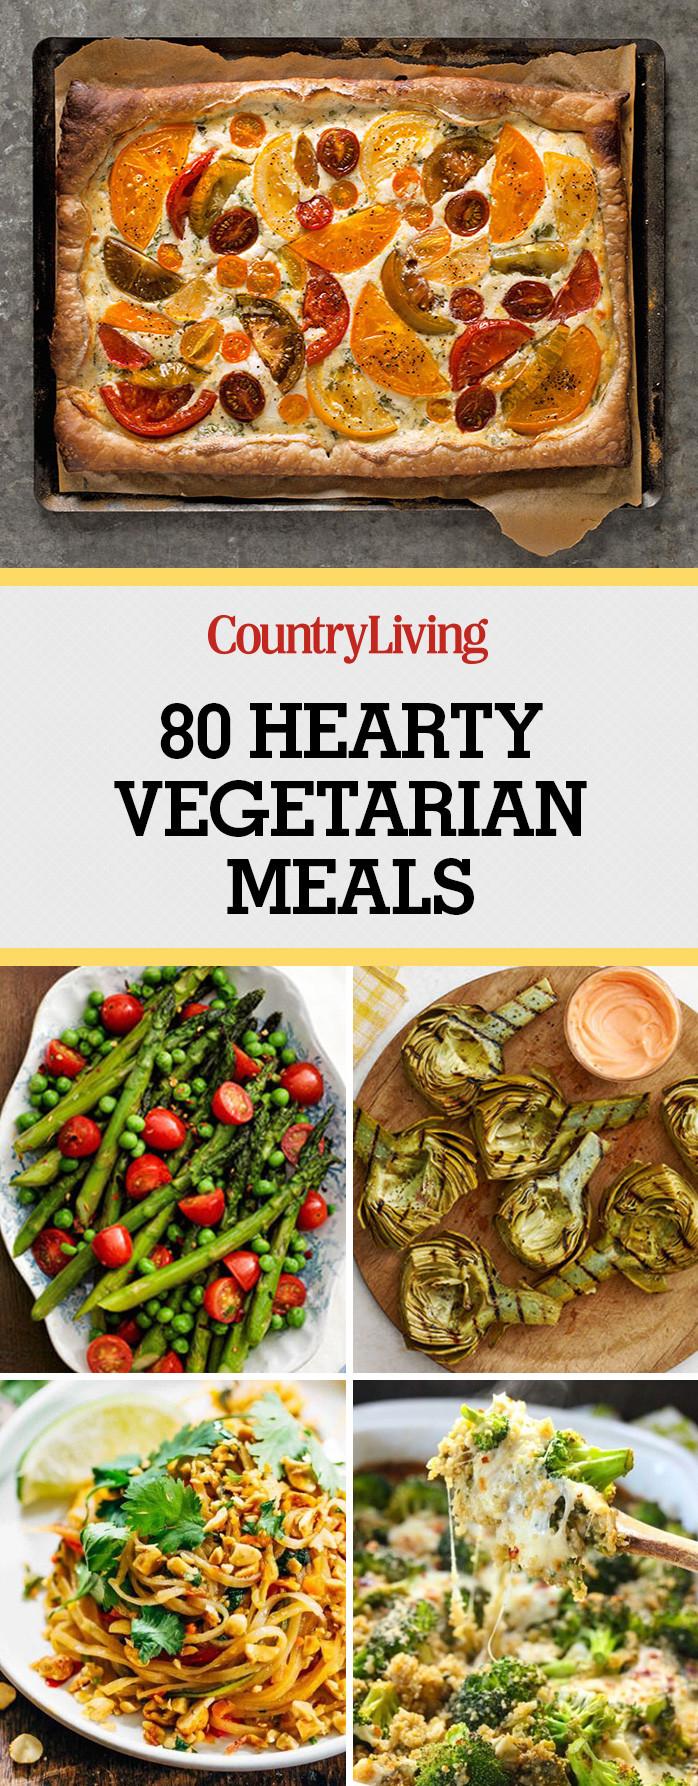 Easy Dinner Recipes Vegetarian  80 Easy Ve arian Dinner Recipes Best Ve arian Meal